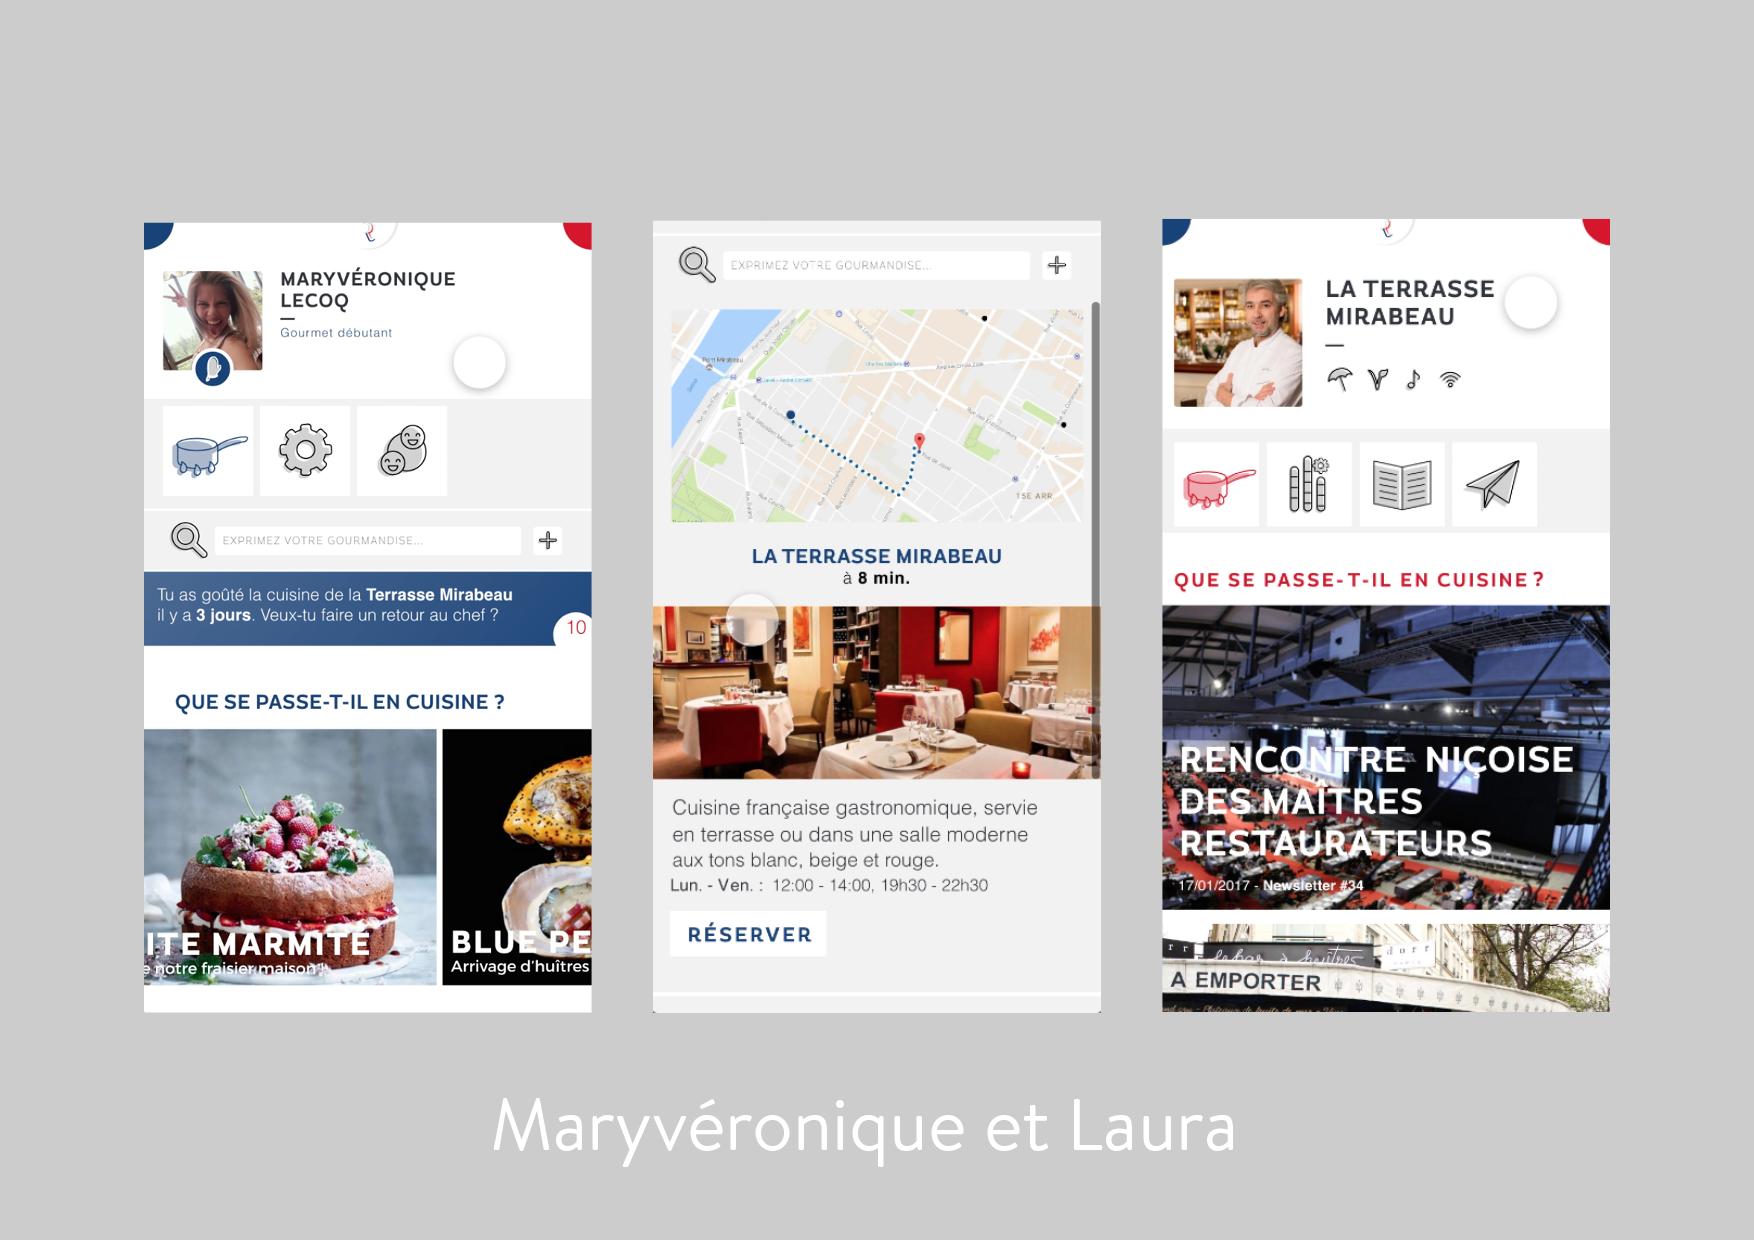 Maryvéronique et Laura app